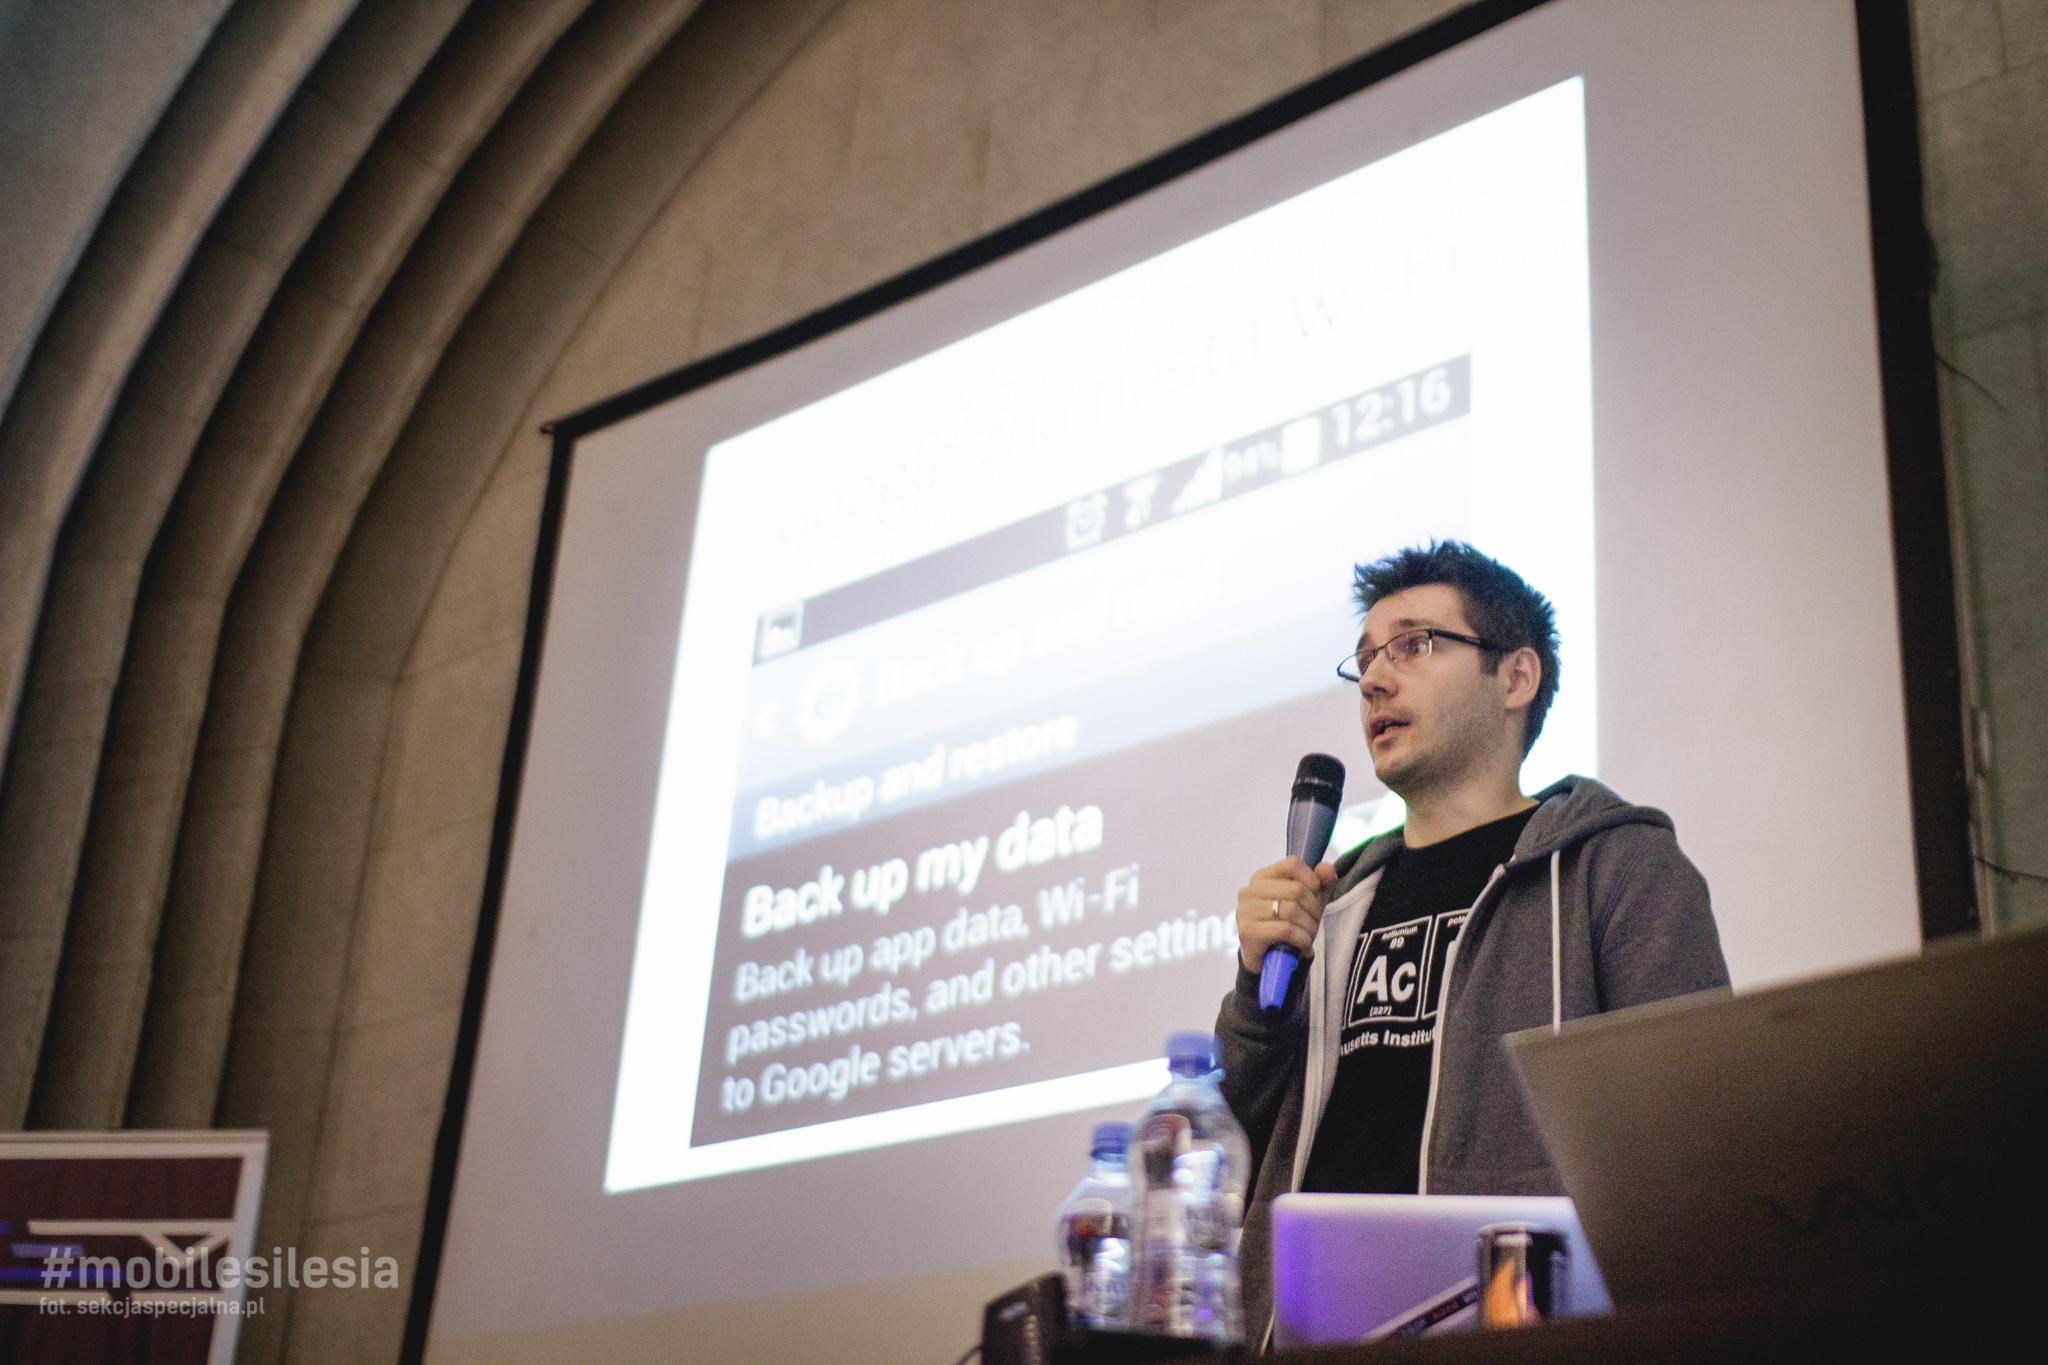 Piotr Konieczny podczas prelekcji na Mobile Silesia